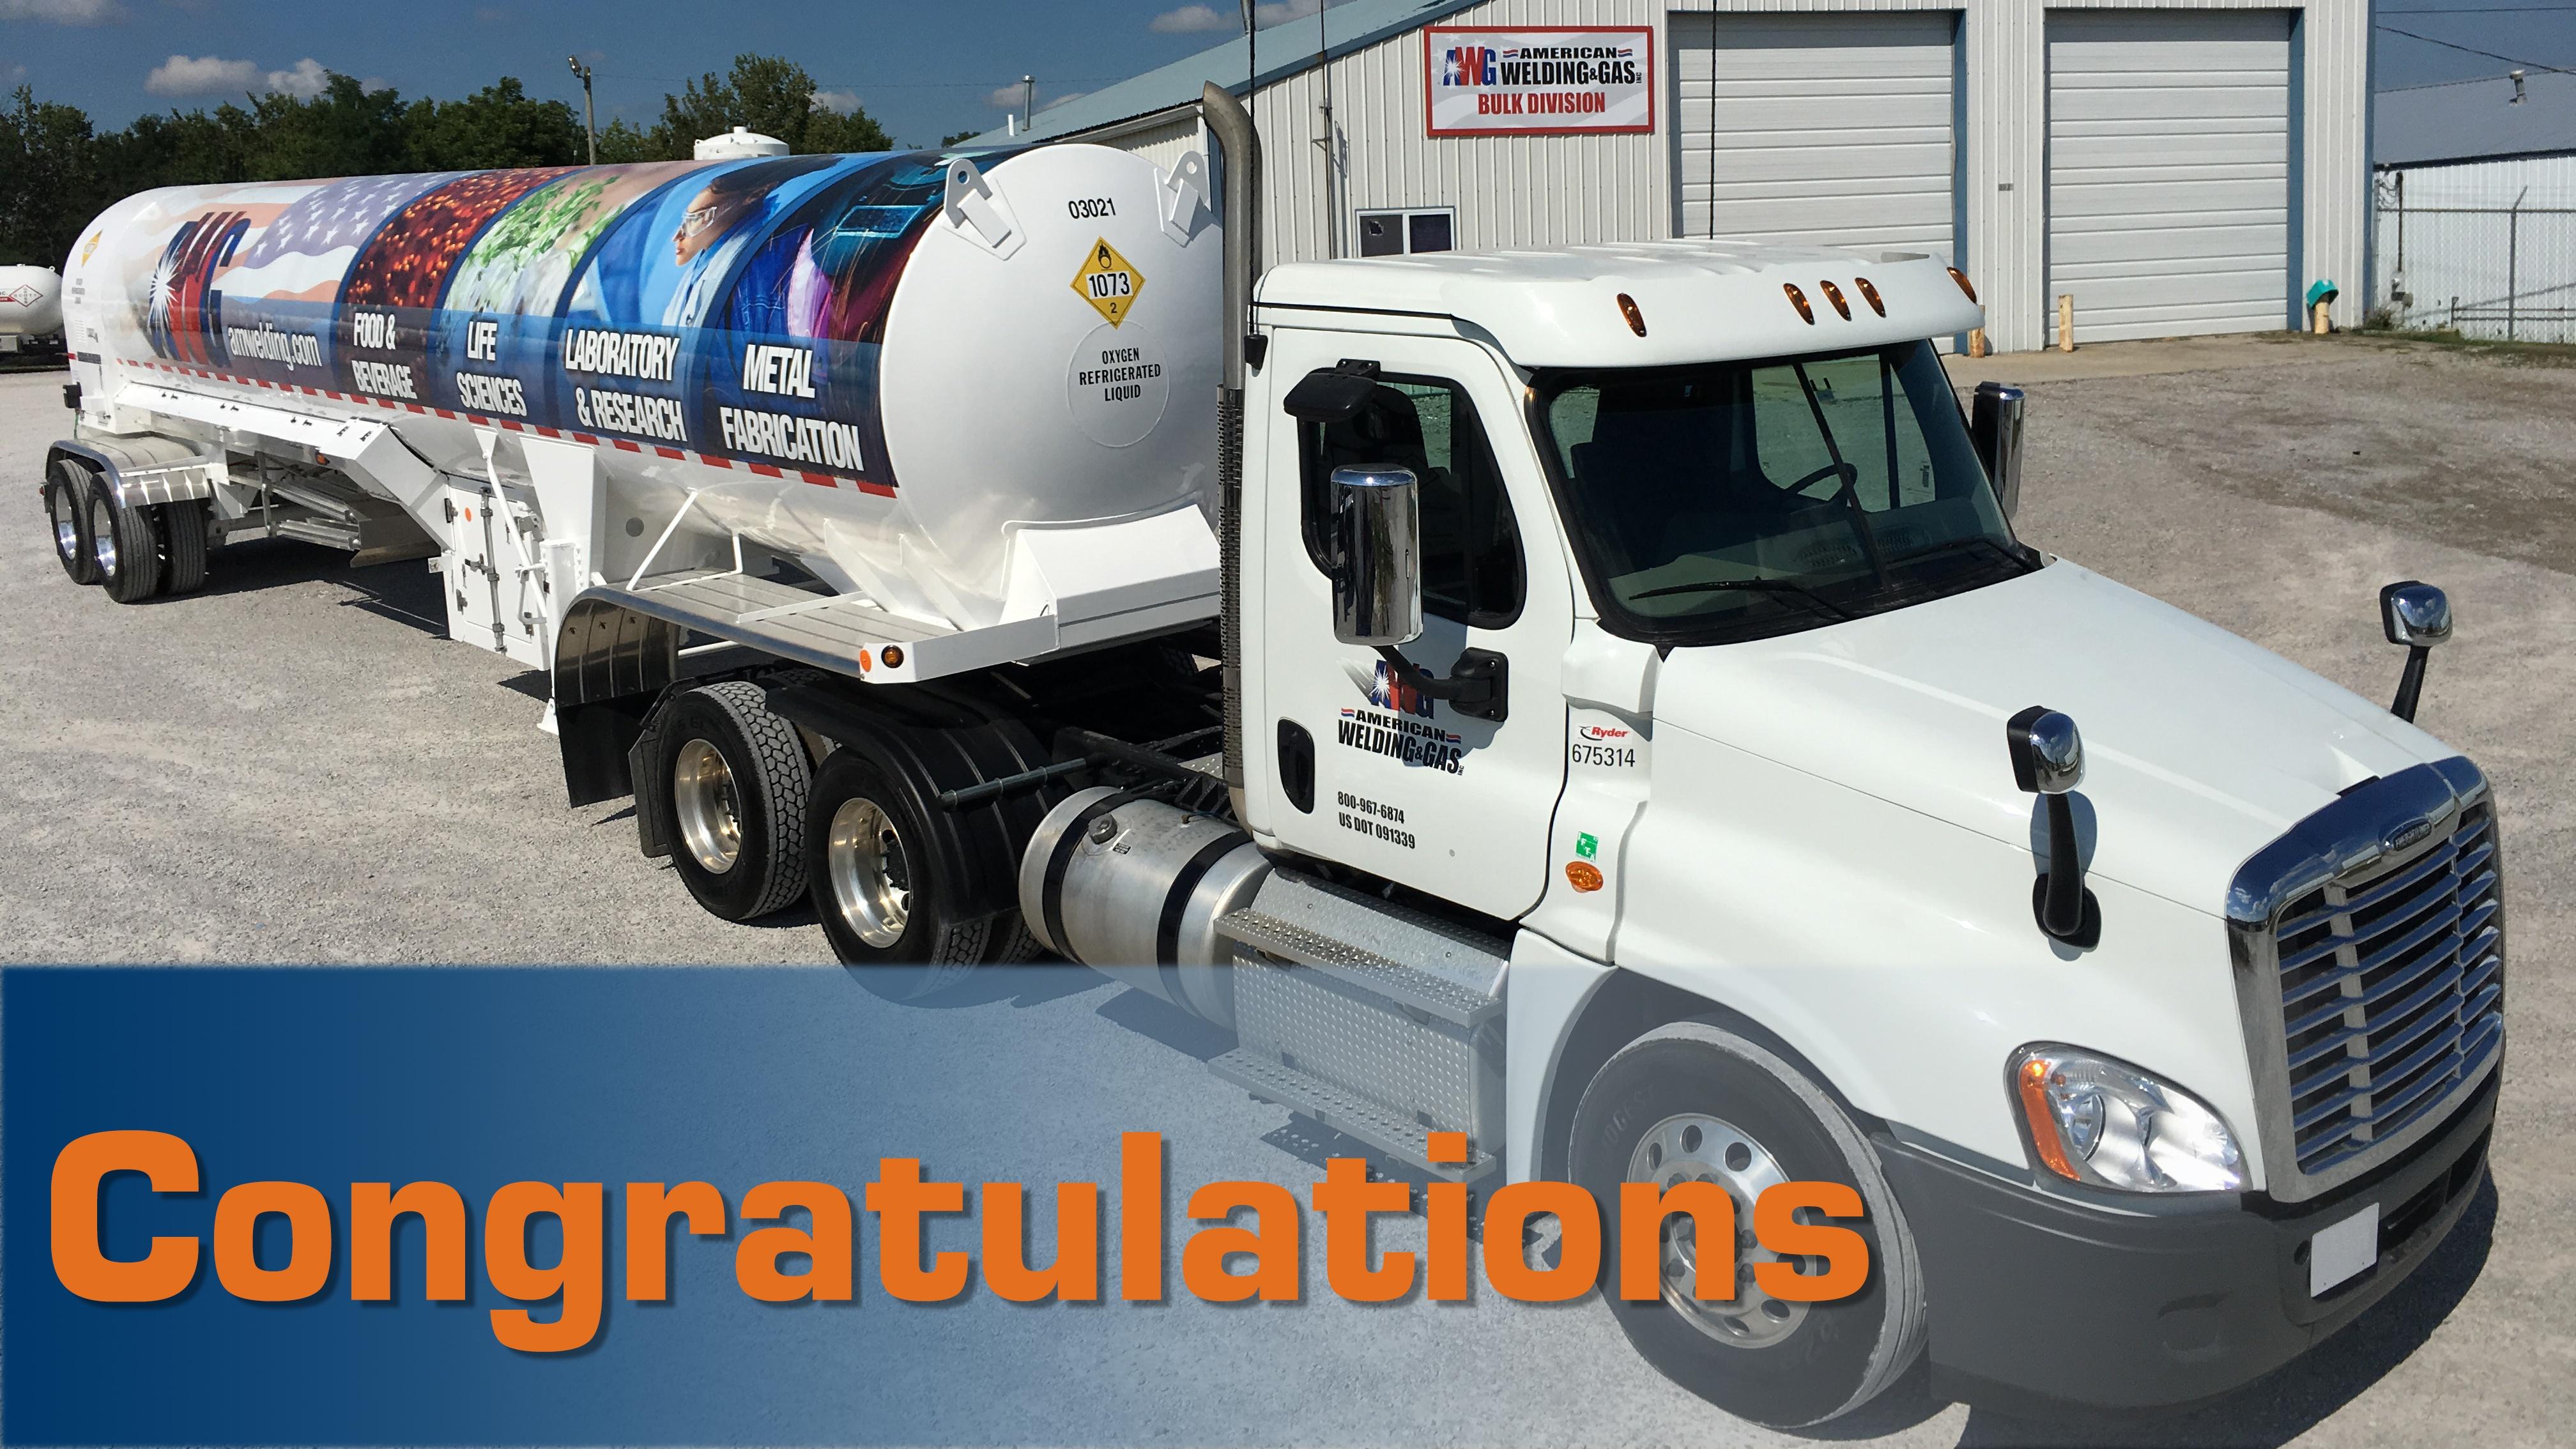 CU_Congratulates_AWG_112017_bulktanker.jpg